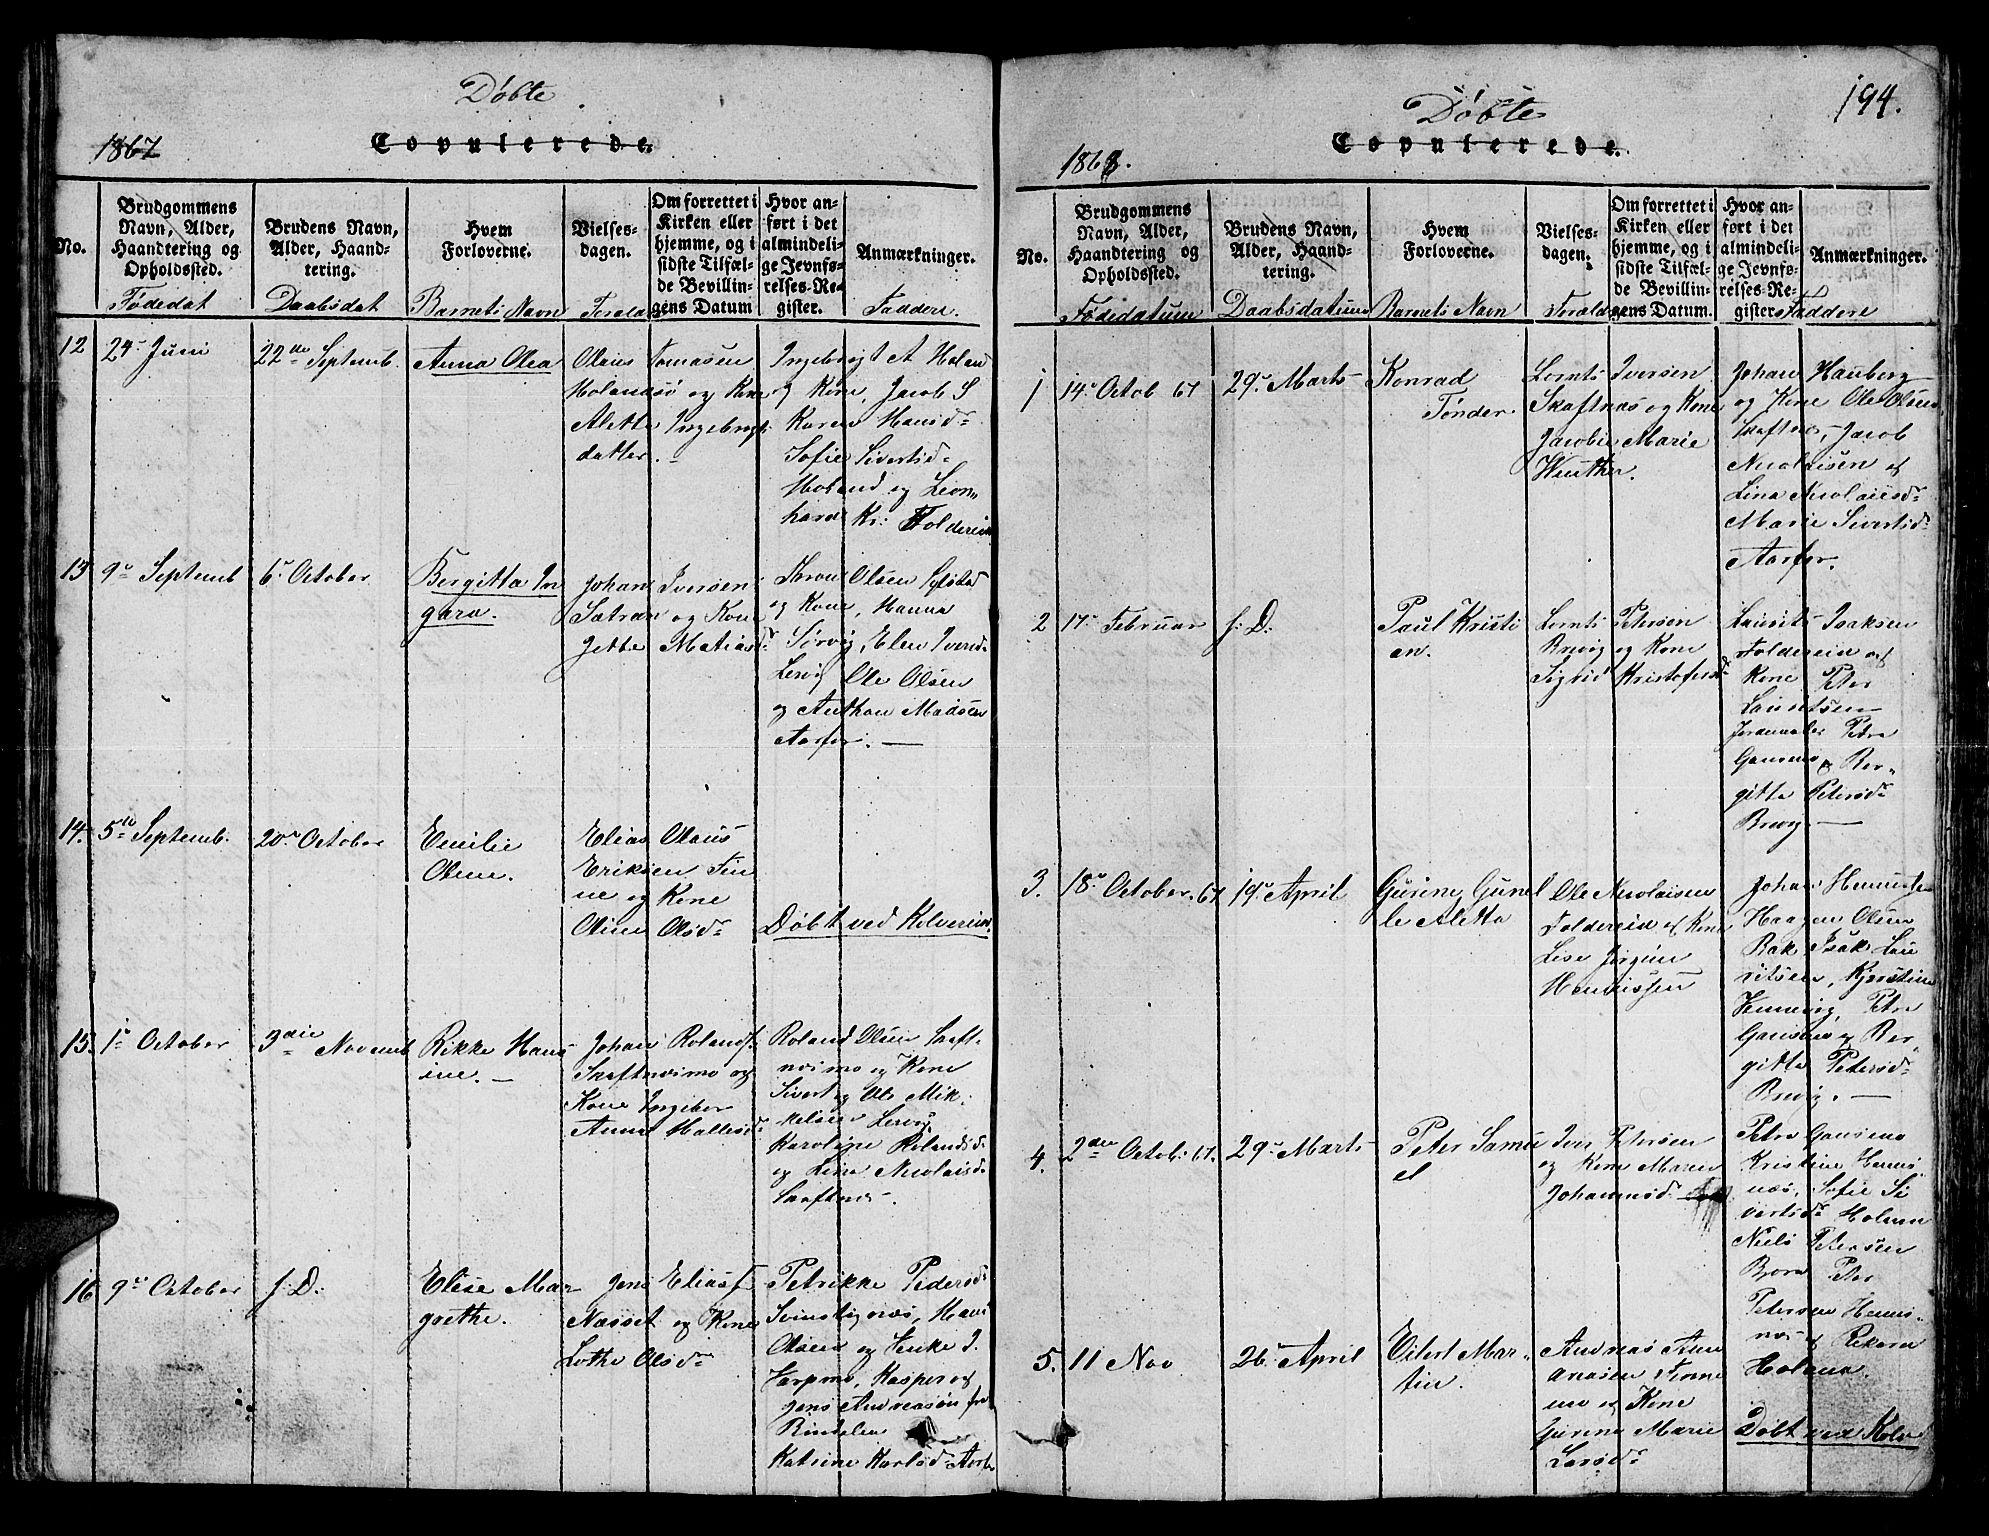 SAT, Ministerialprotokoller, klokkerbøker og fødselsregistre - Nord-Trøndelag, 780/L0648: Klokkerbok nr. 780C01 /3, 1815-1877, s. 194